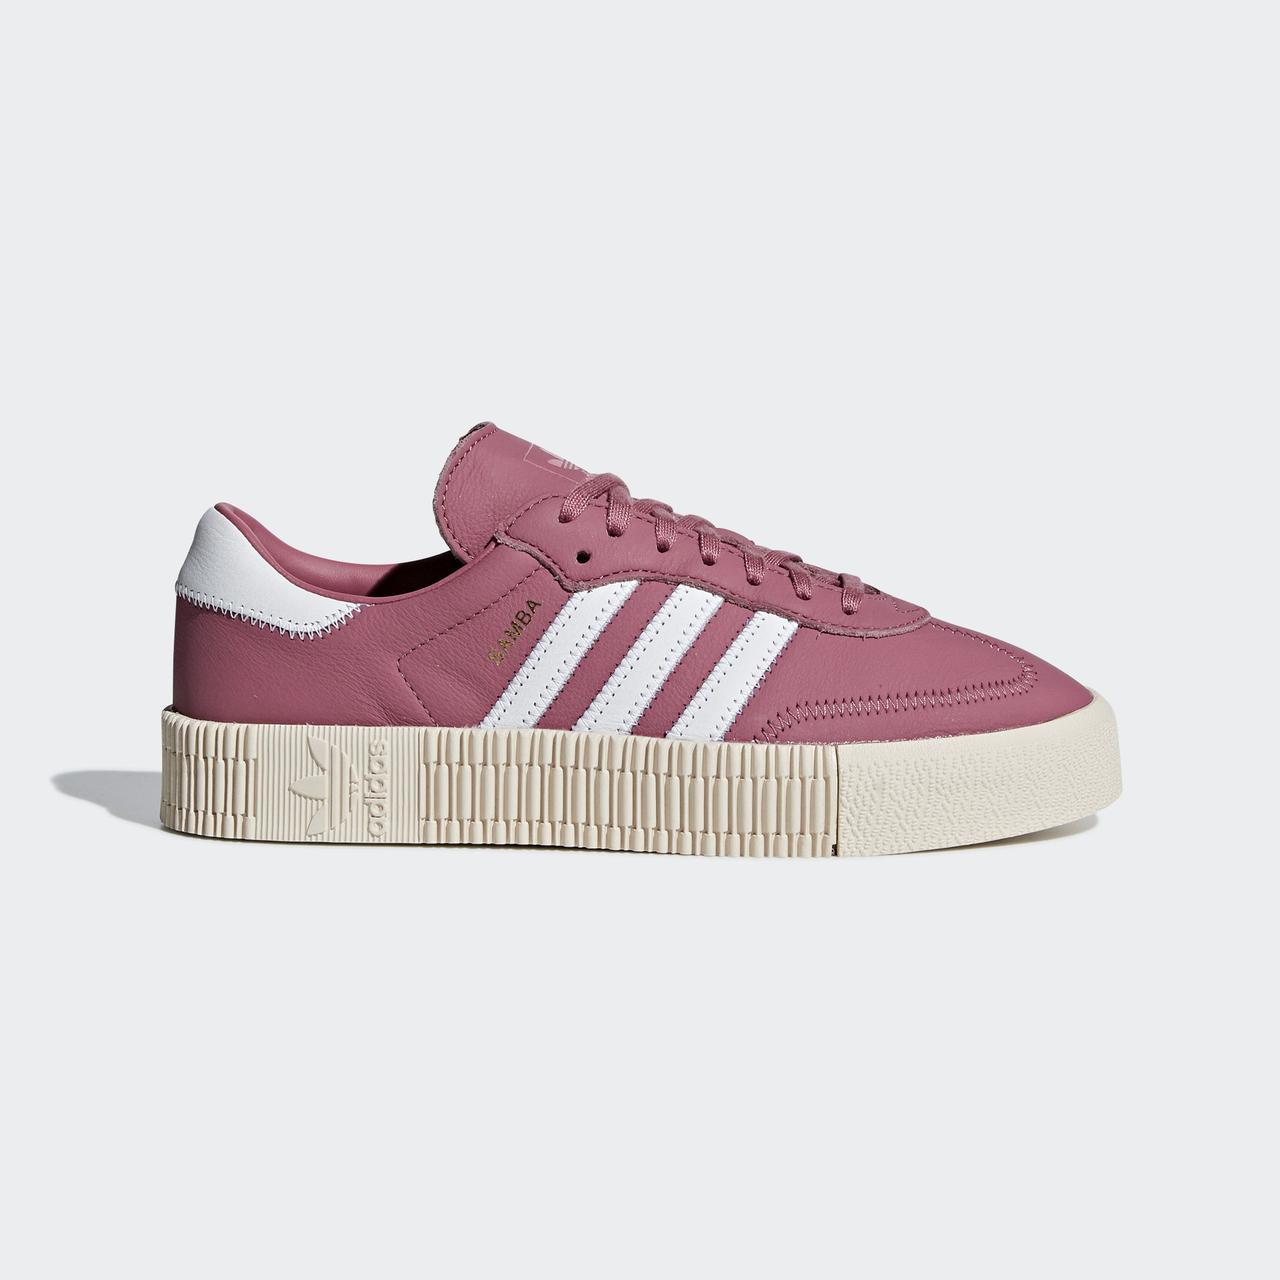 Купить Женские кроссовки Adidas Originals Samba Rose (Артикул ... 90a0813e5f9